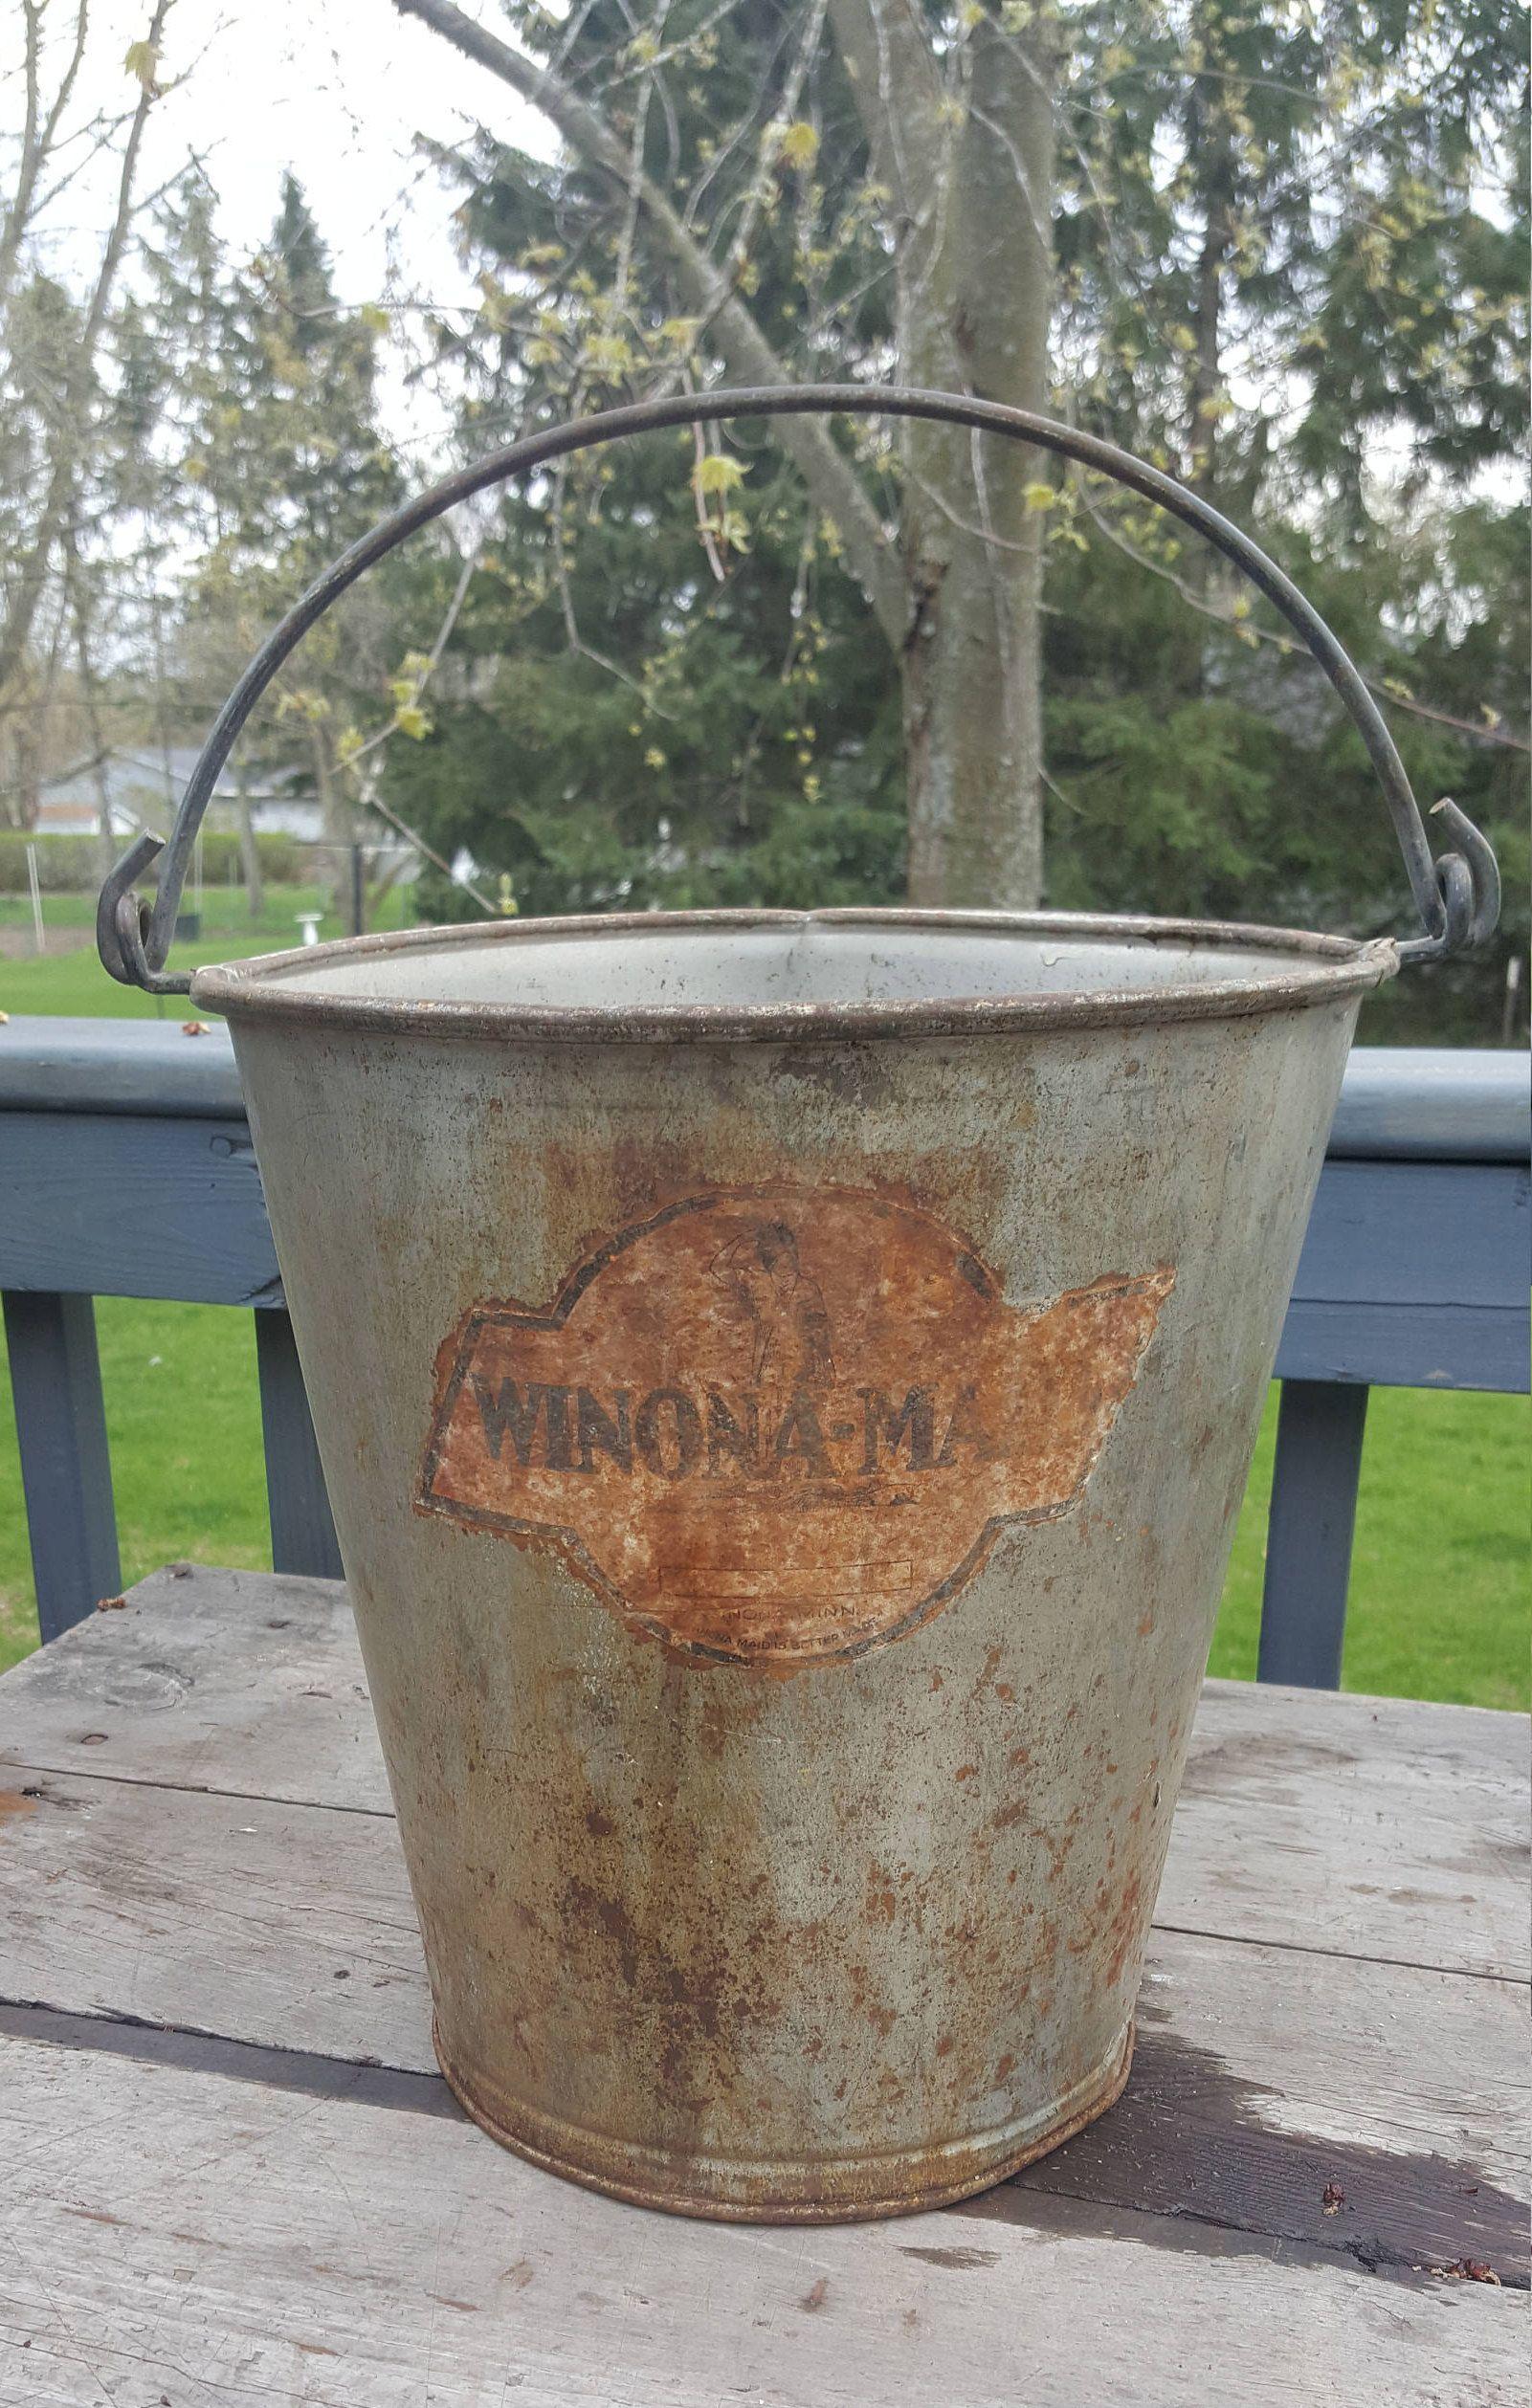 Old Galvanized Metal Oval Pail Winona Maid Cream Dairy Bucket Minnesota Handled Vintage Advertising Fa Antique Metal Bucket Galvanized Metal Antique Metal